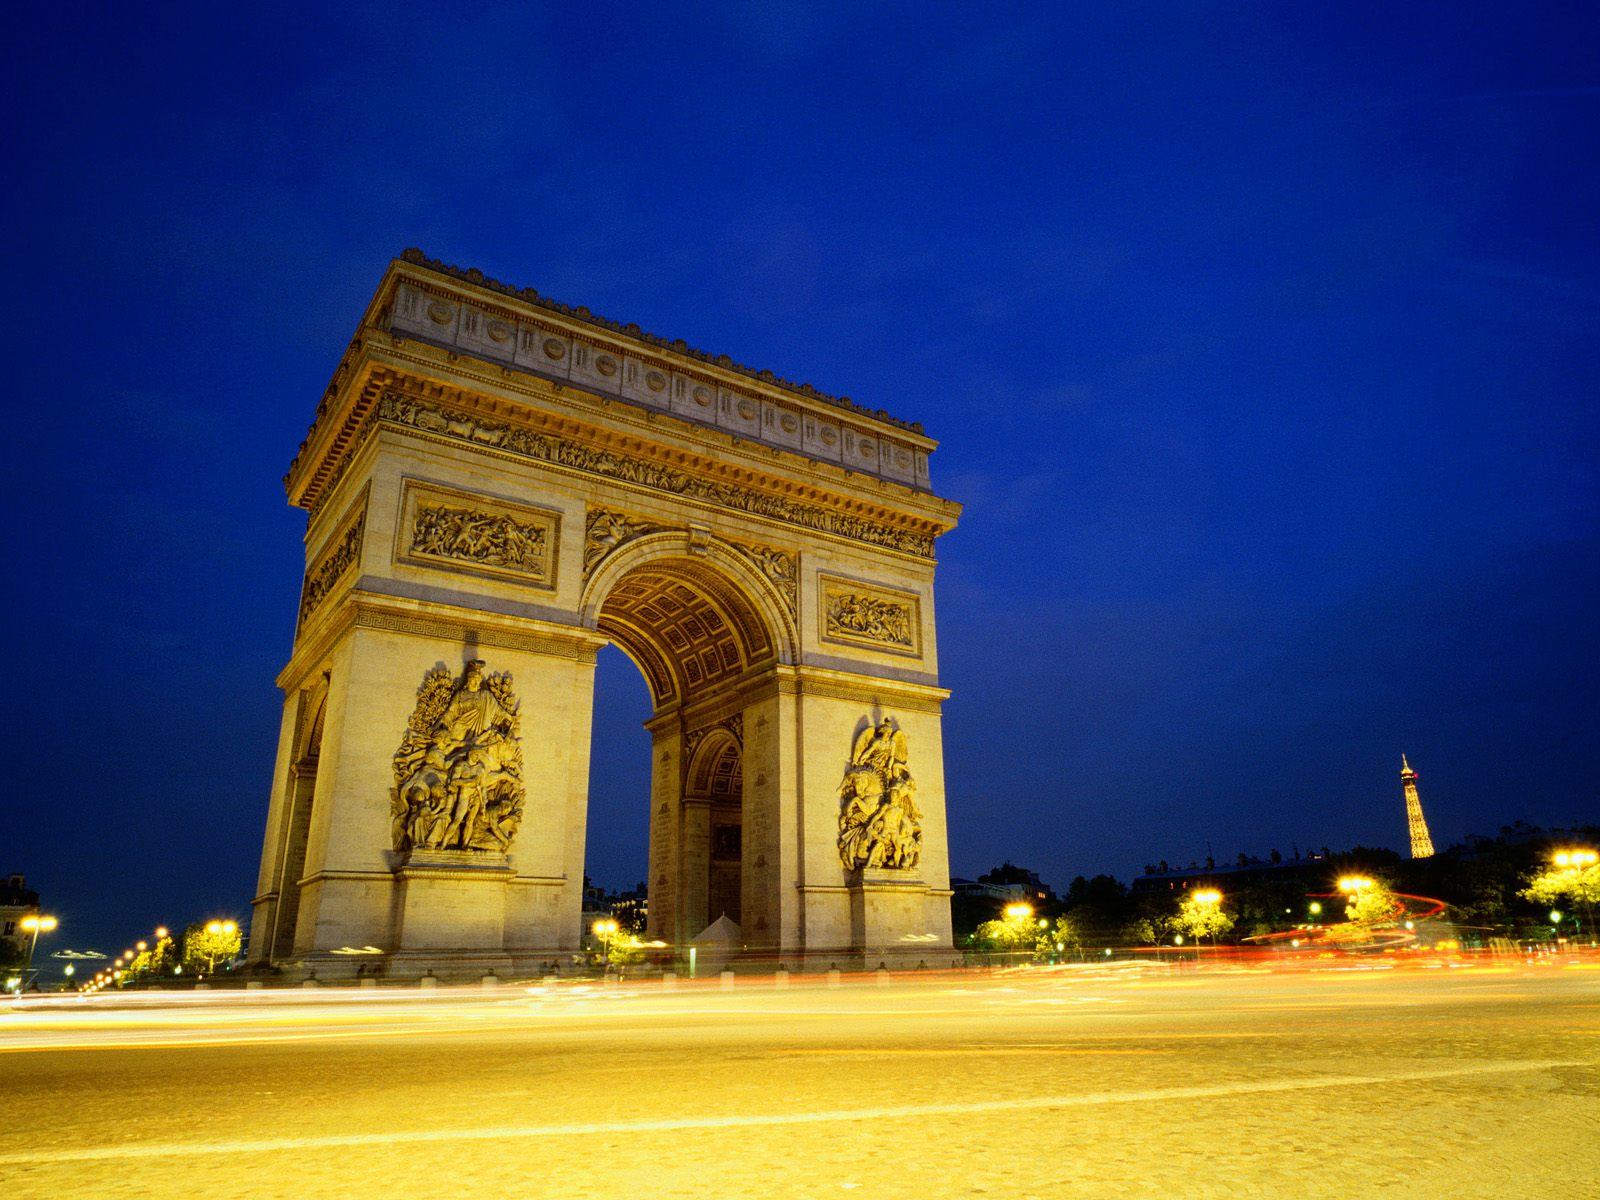 Arc De Triomphe Paris: Free Download Wallpaper